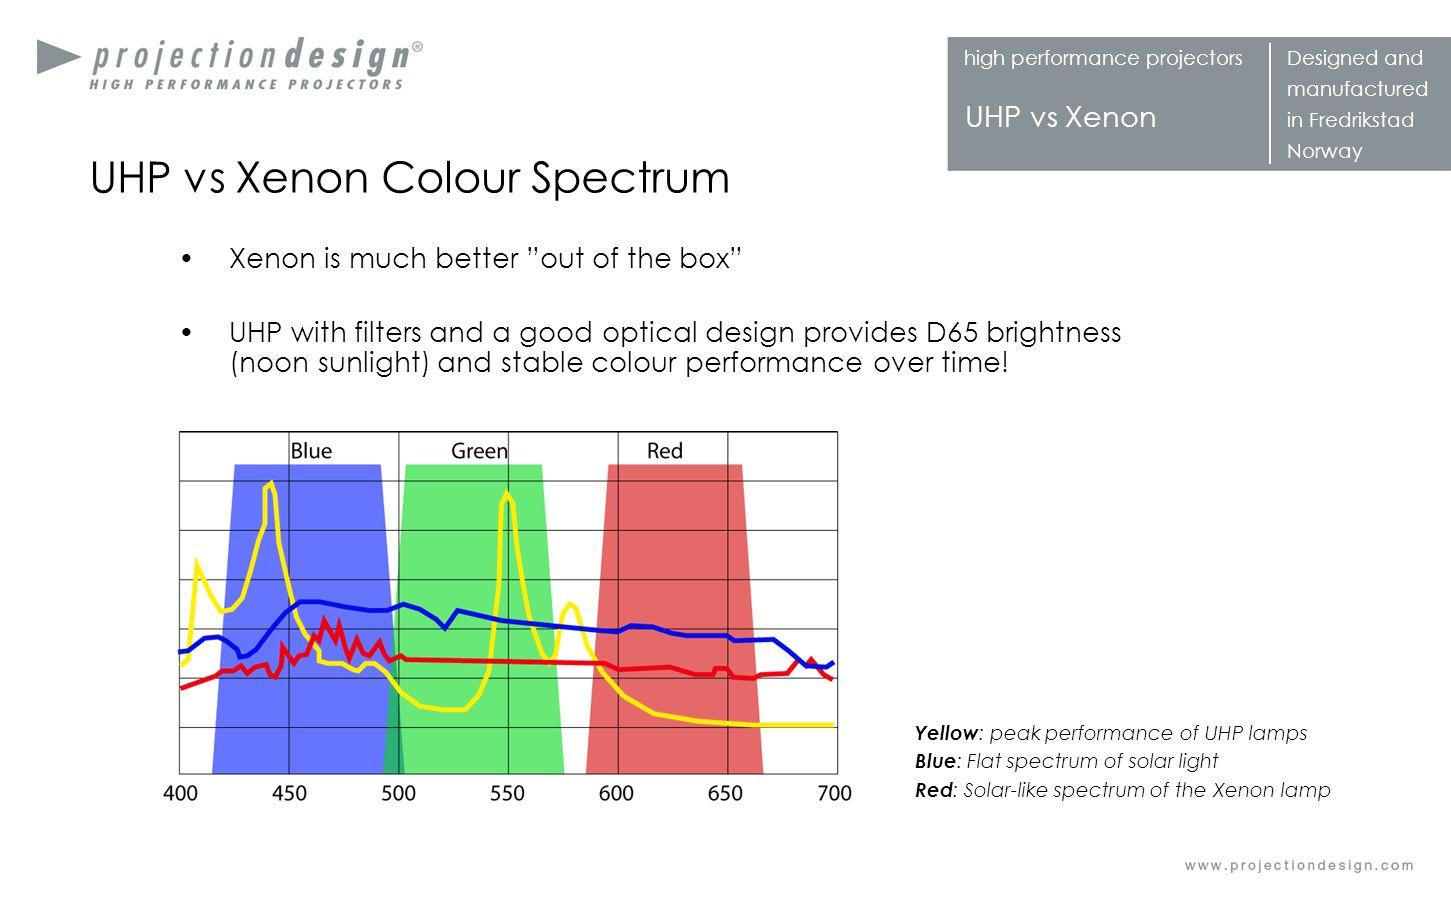 UHP vs Xenon Colour Spectrum